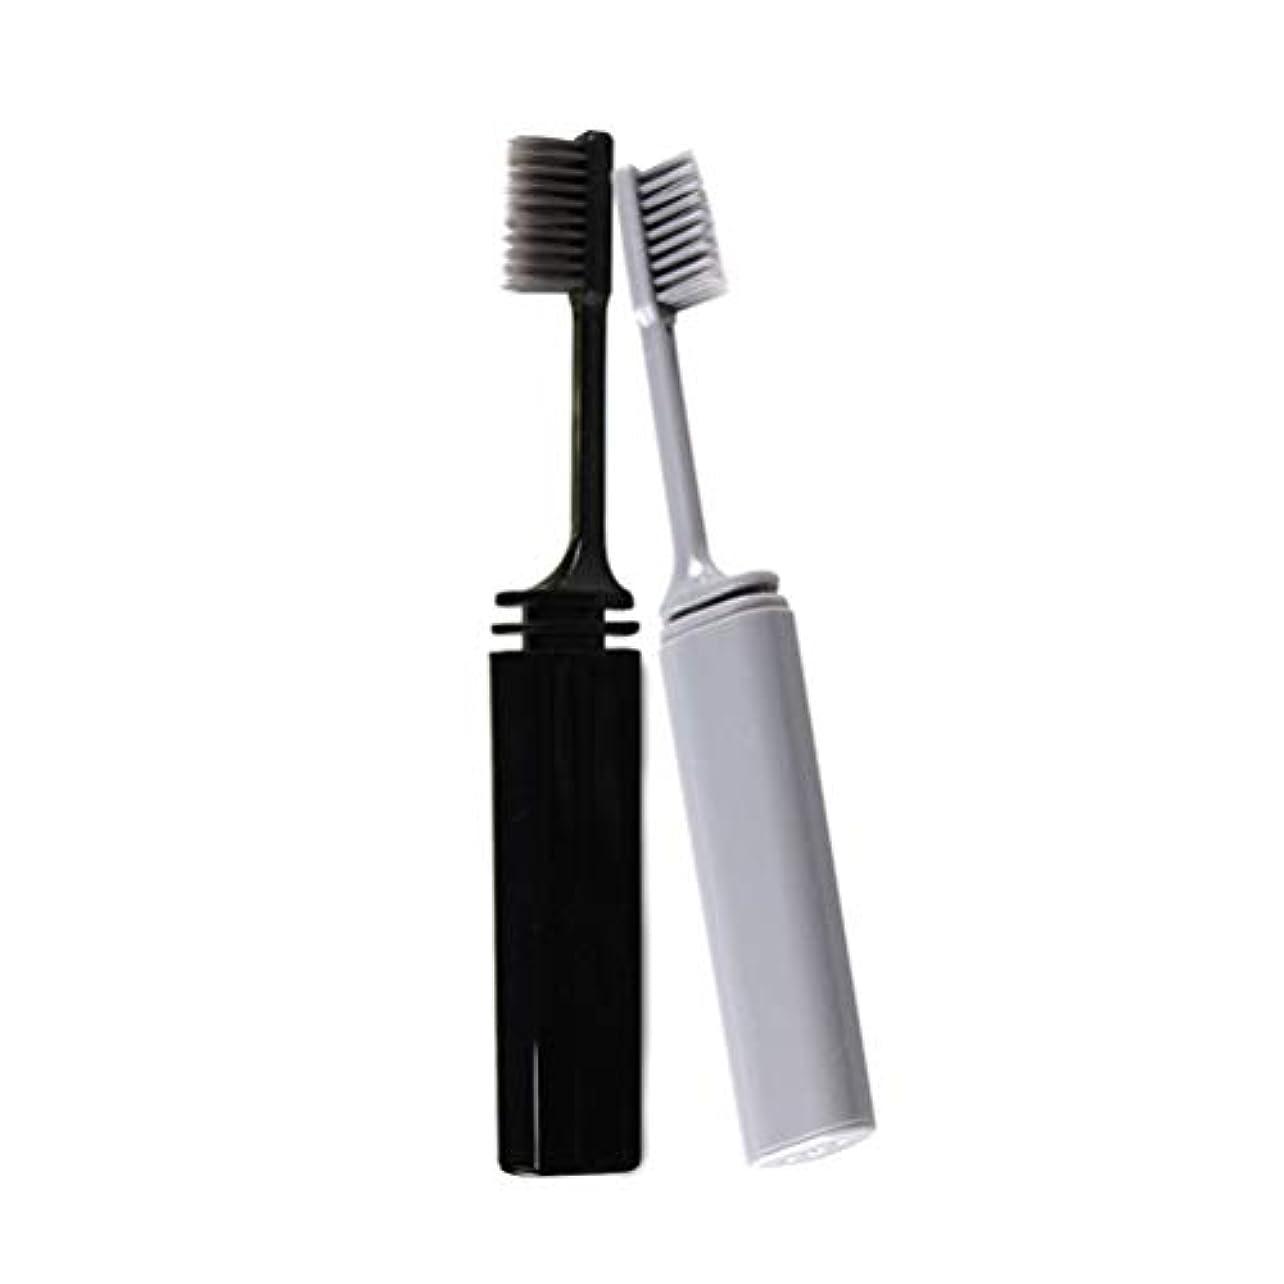 準備する式住むSUPVOX 2本旅行歯ブラシポータブル折りたたみ竹炭柔らかい剛毛歯ブラシ(グレーブラック)